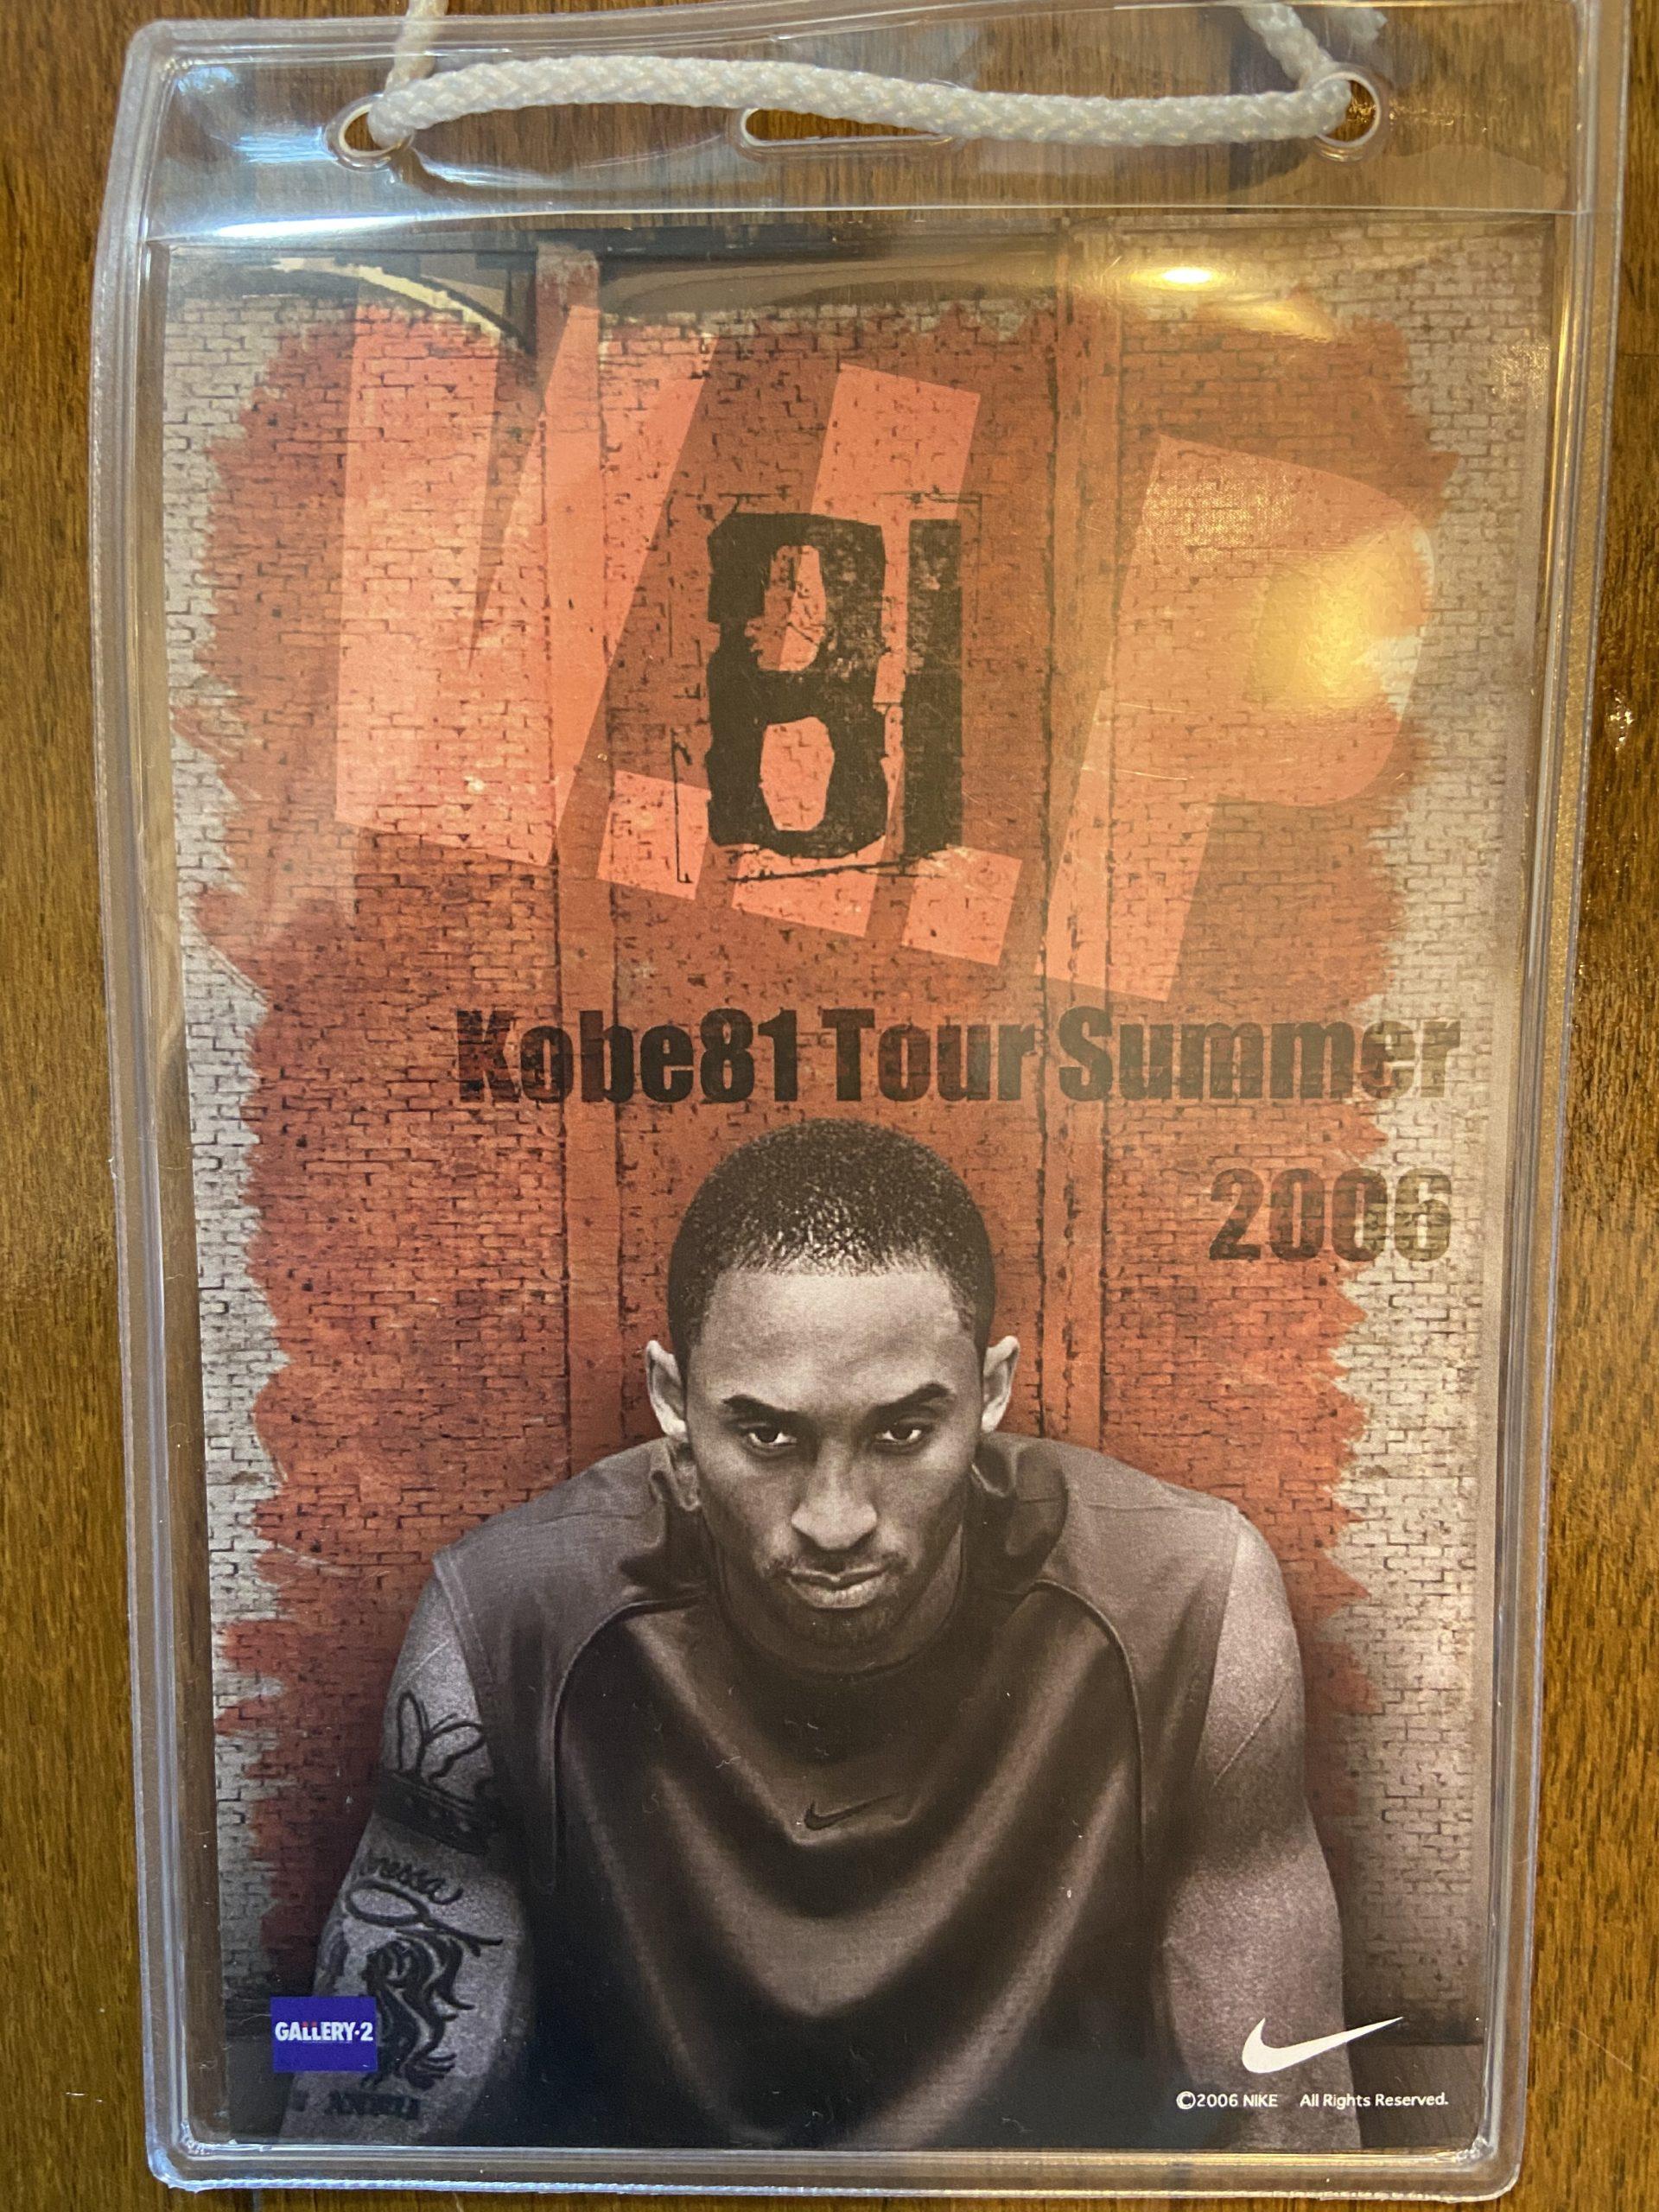 コービー81 ツアー 2006年夏